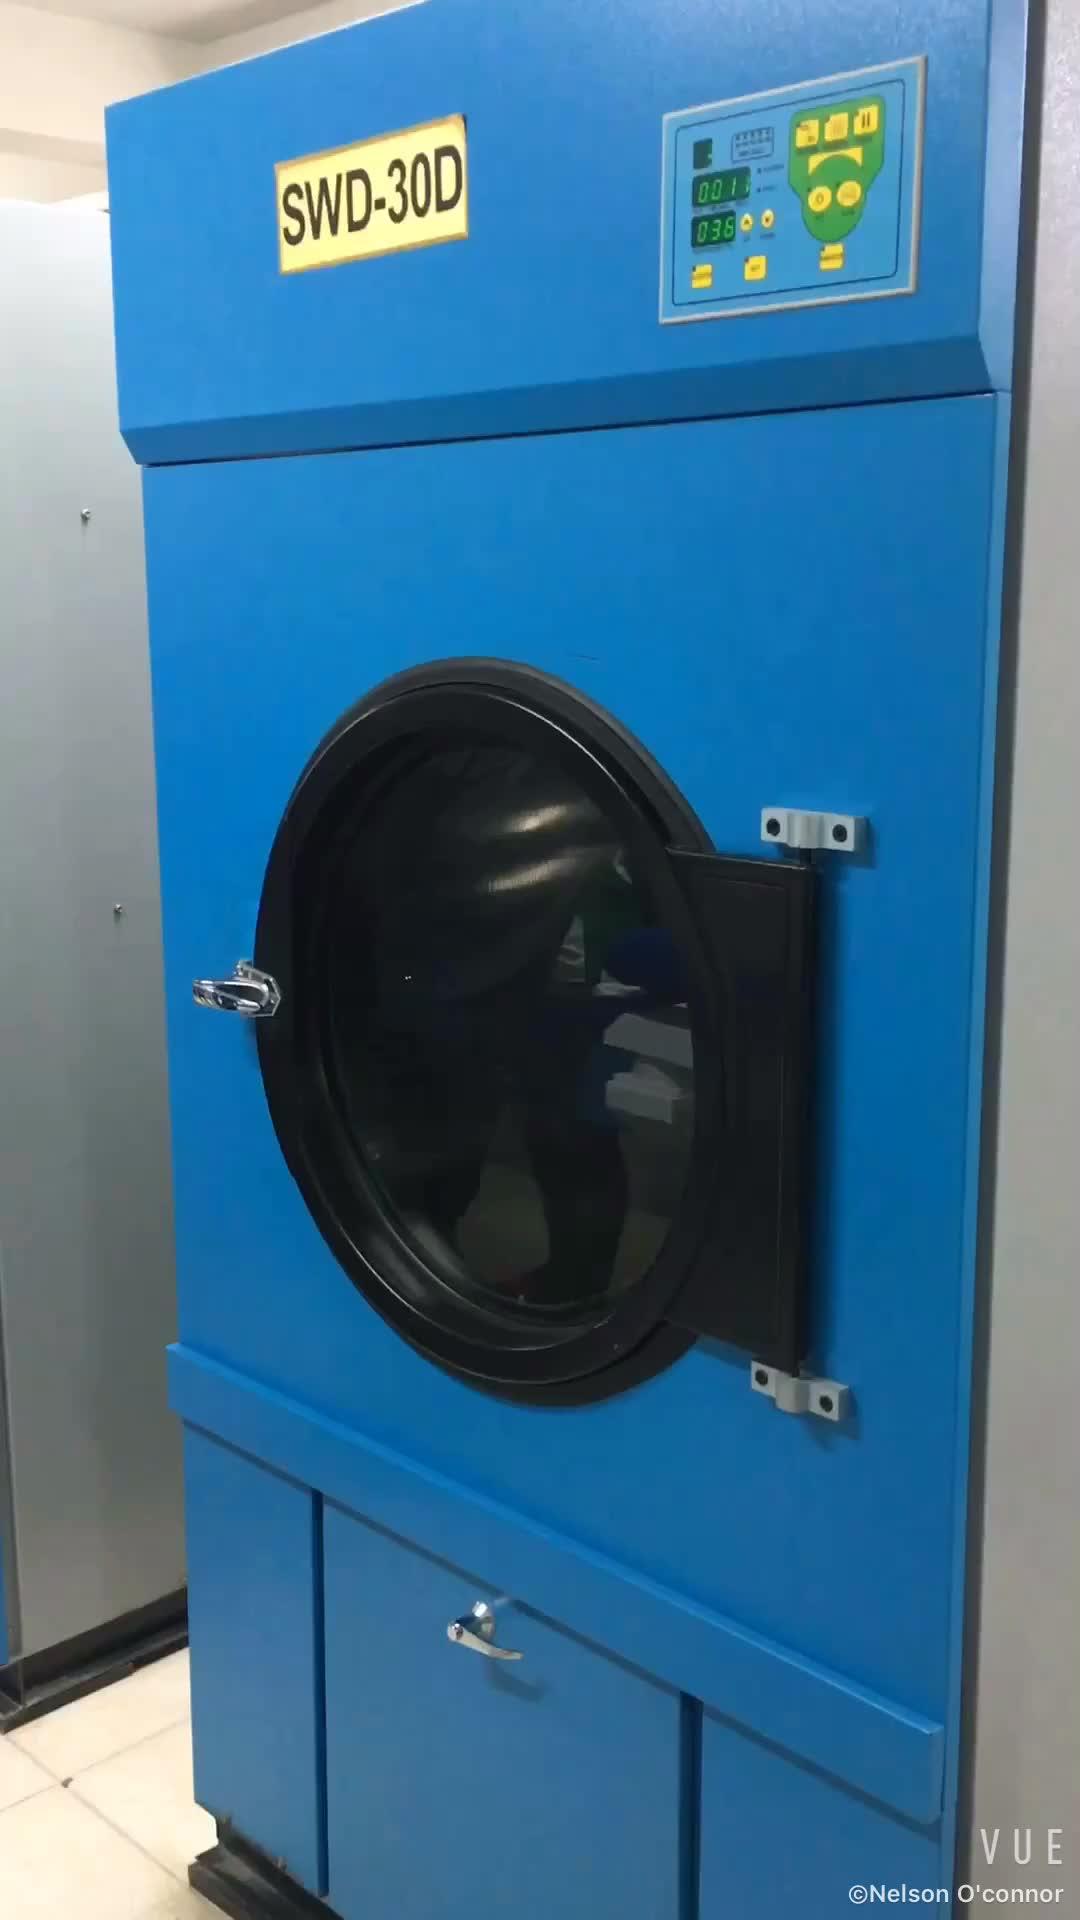 15kg LPG / LNG dryer machine for laundry shop